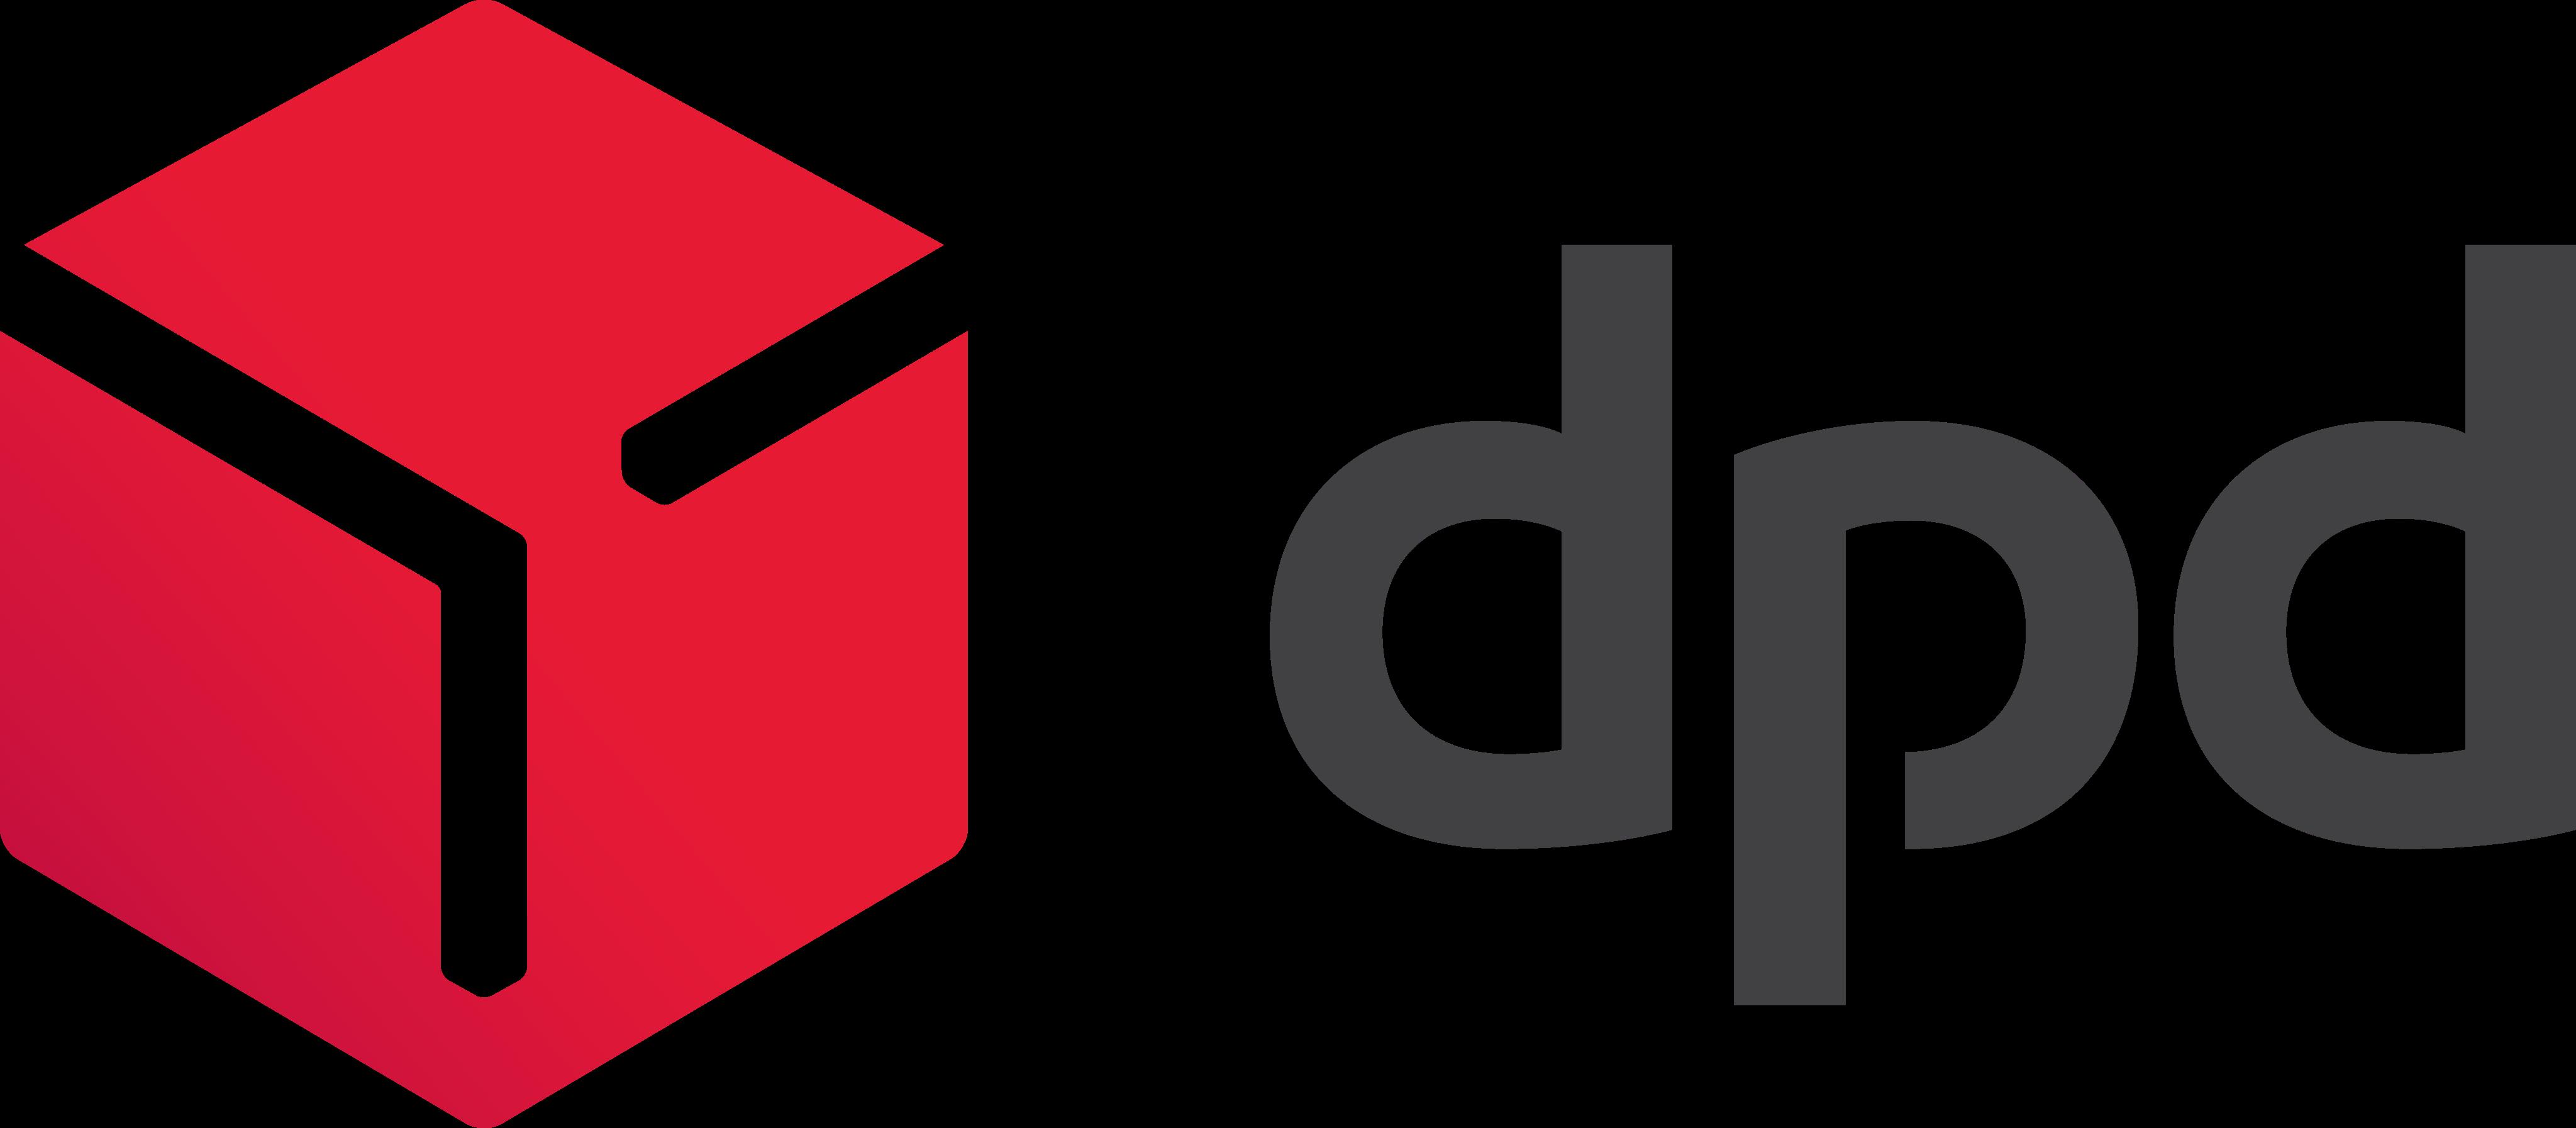 dpd logo - Dpd Logo